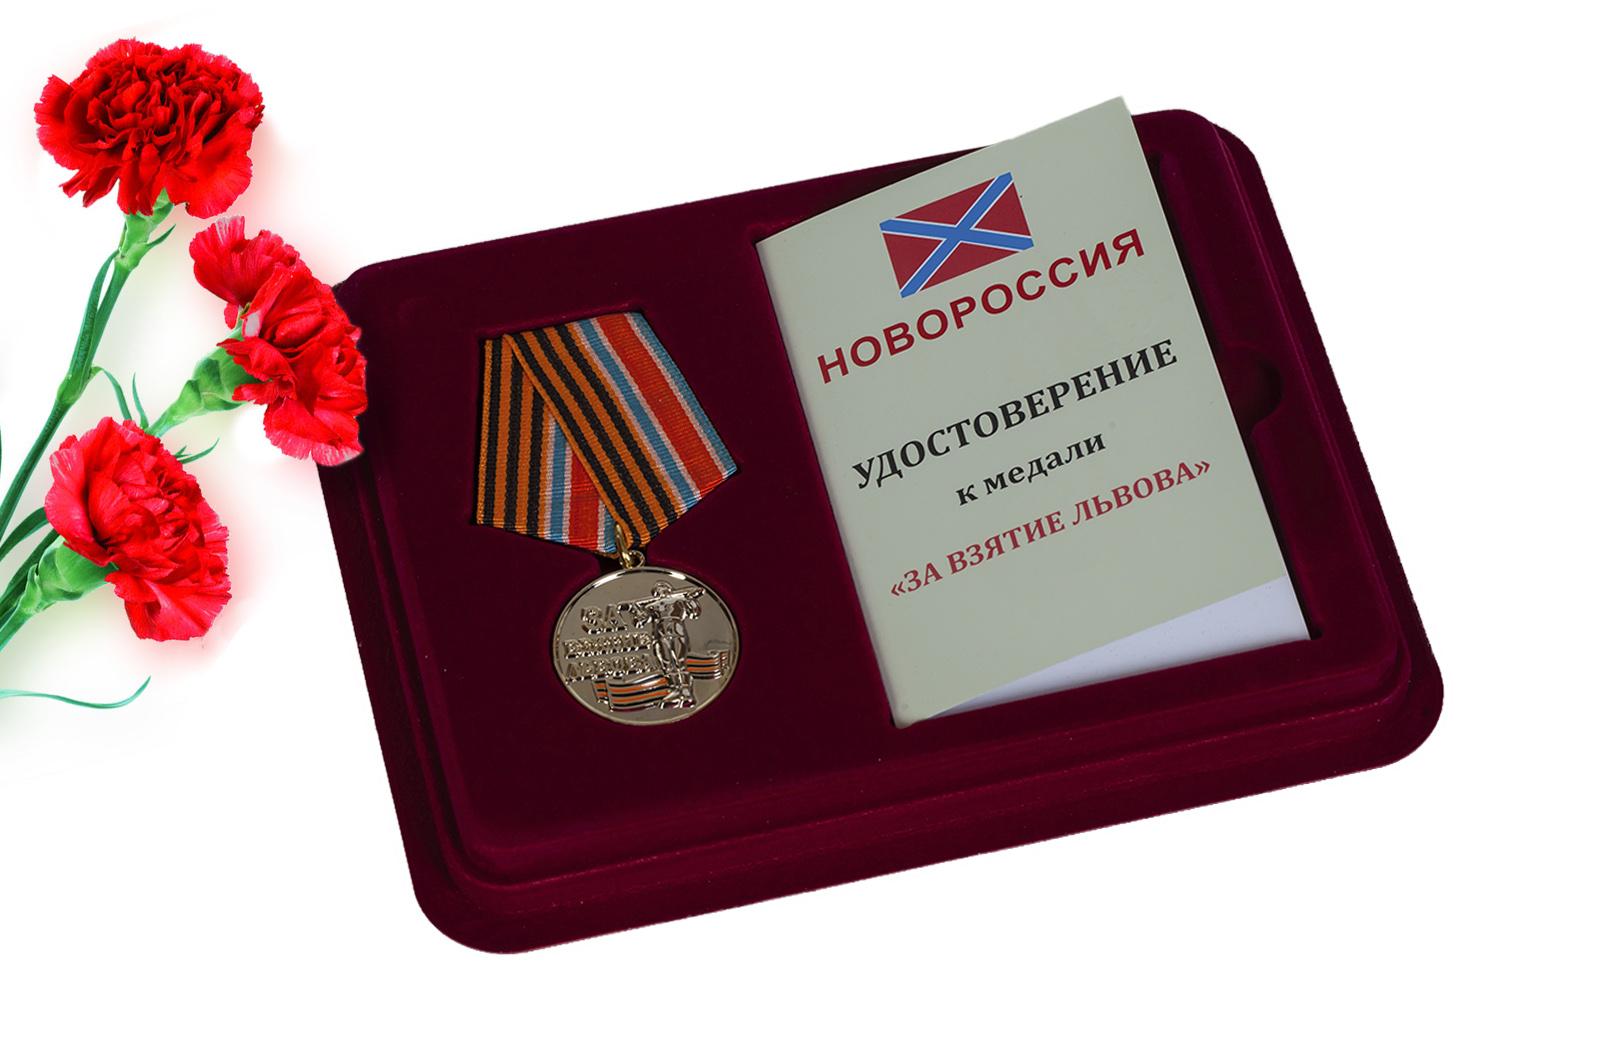 Купить медаль За взятие Львова в футляре с удостоверением оптом или в розницу